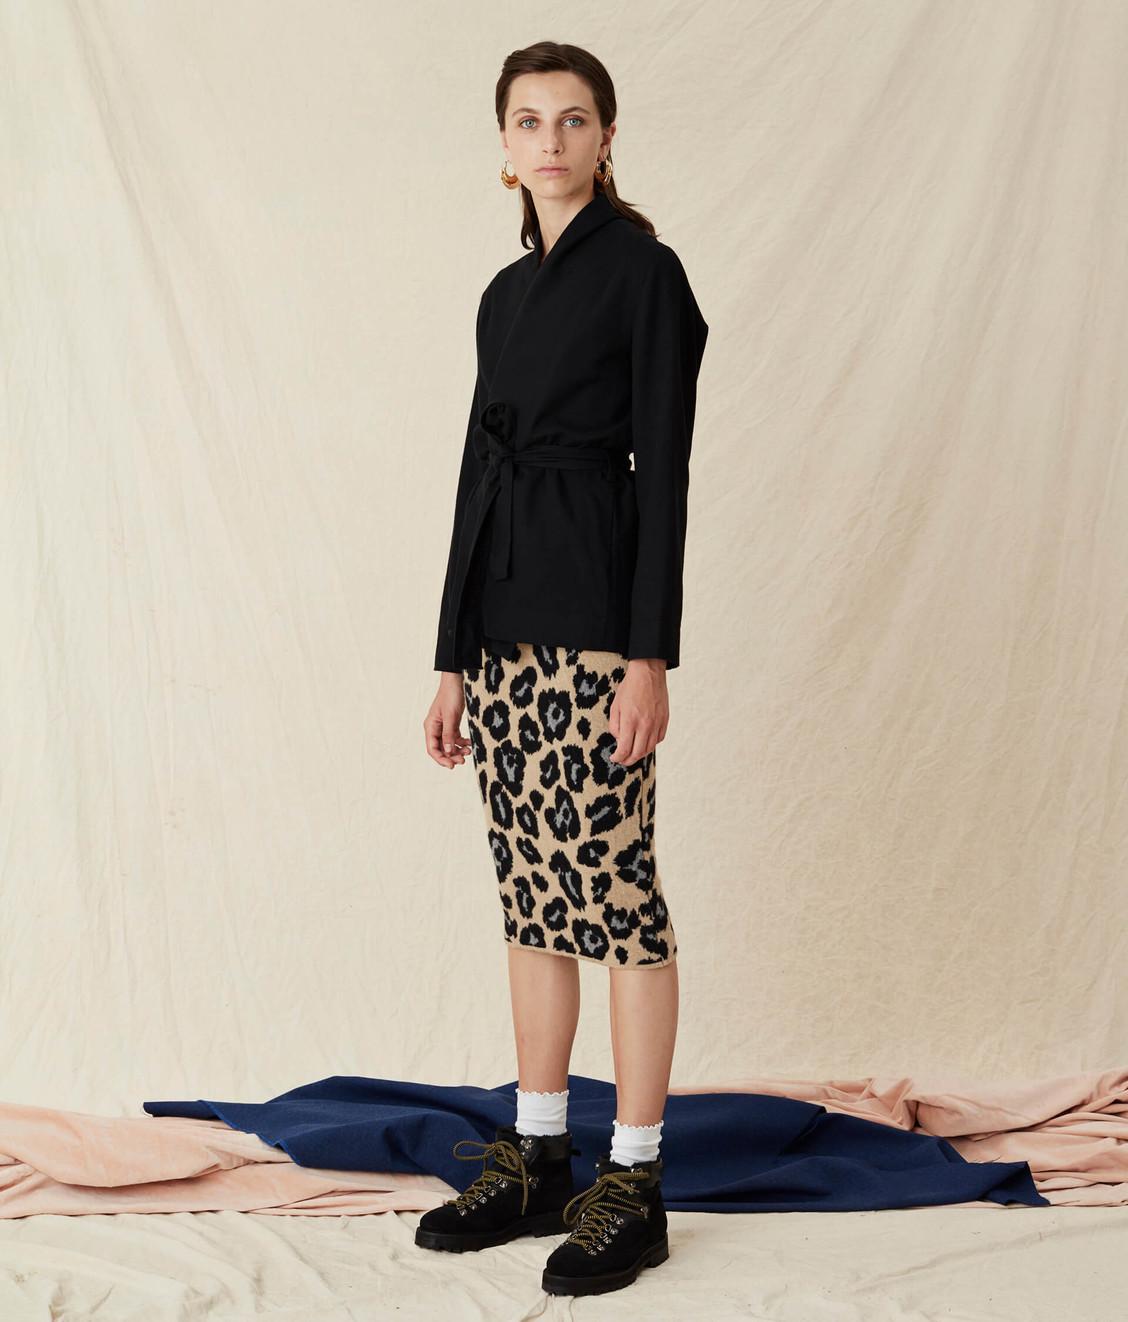 Libertine Libertine Libertine Channel Skirt Leo